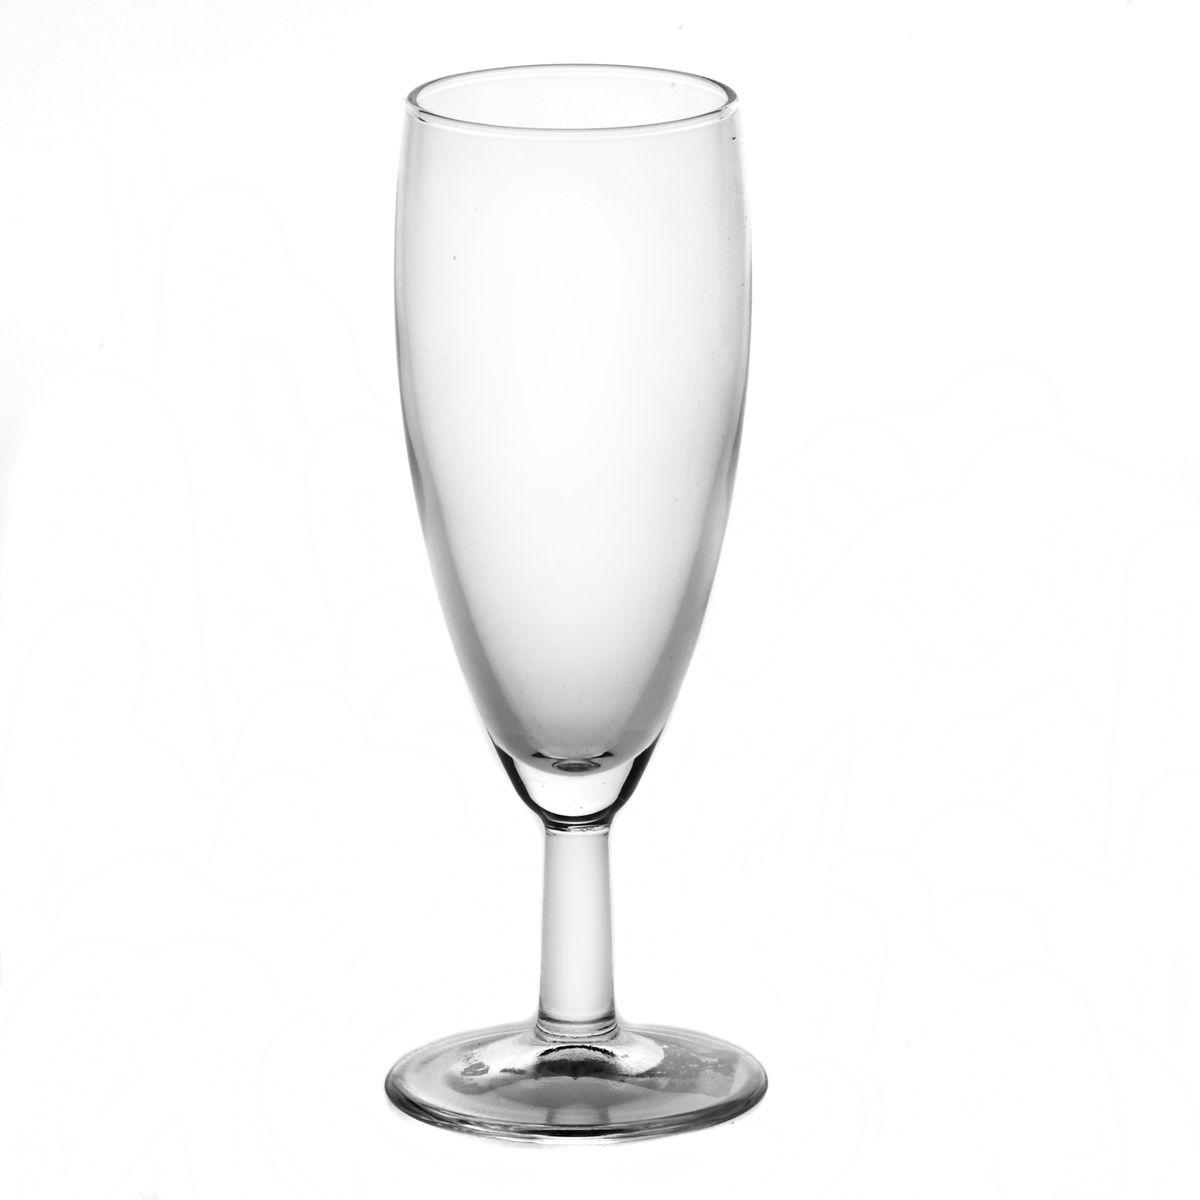 Набор бокалов Pasabahce Banquet, 155 мл, 6 шт44455BНабор Pasabahce Banquet состоит из шести бокалов, выполненных из прочного натрий-кальций-силикатного стекла. Изделия оснащены невысокими ножками. Бокалы сочетают в себе элегантный дизайн и функциональность. Благодаря такому набору пить напитки будет еще вкуснее.Набор бокалов Pasabahce Banquet прекрасно оформит праздничный стол и создаст приятную атмосферу за ужином. Такой набор также станет хорошим подарком к любому случаю. Можно мыть в посудомоечной машине и использовать в микроволновой печи.Диаметр бокала (по верхнему краю): 4,5 см. Высота бокала: 16 см.